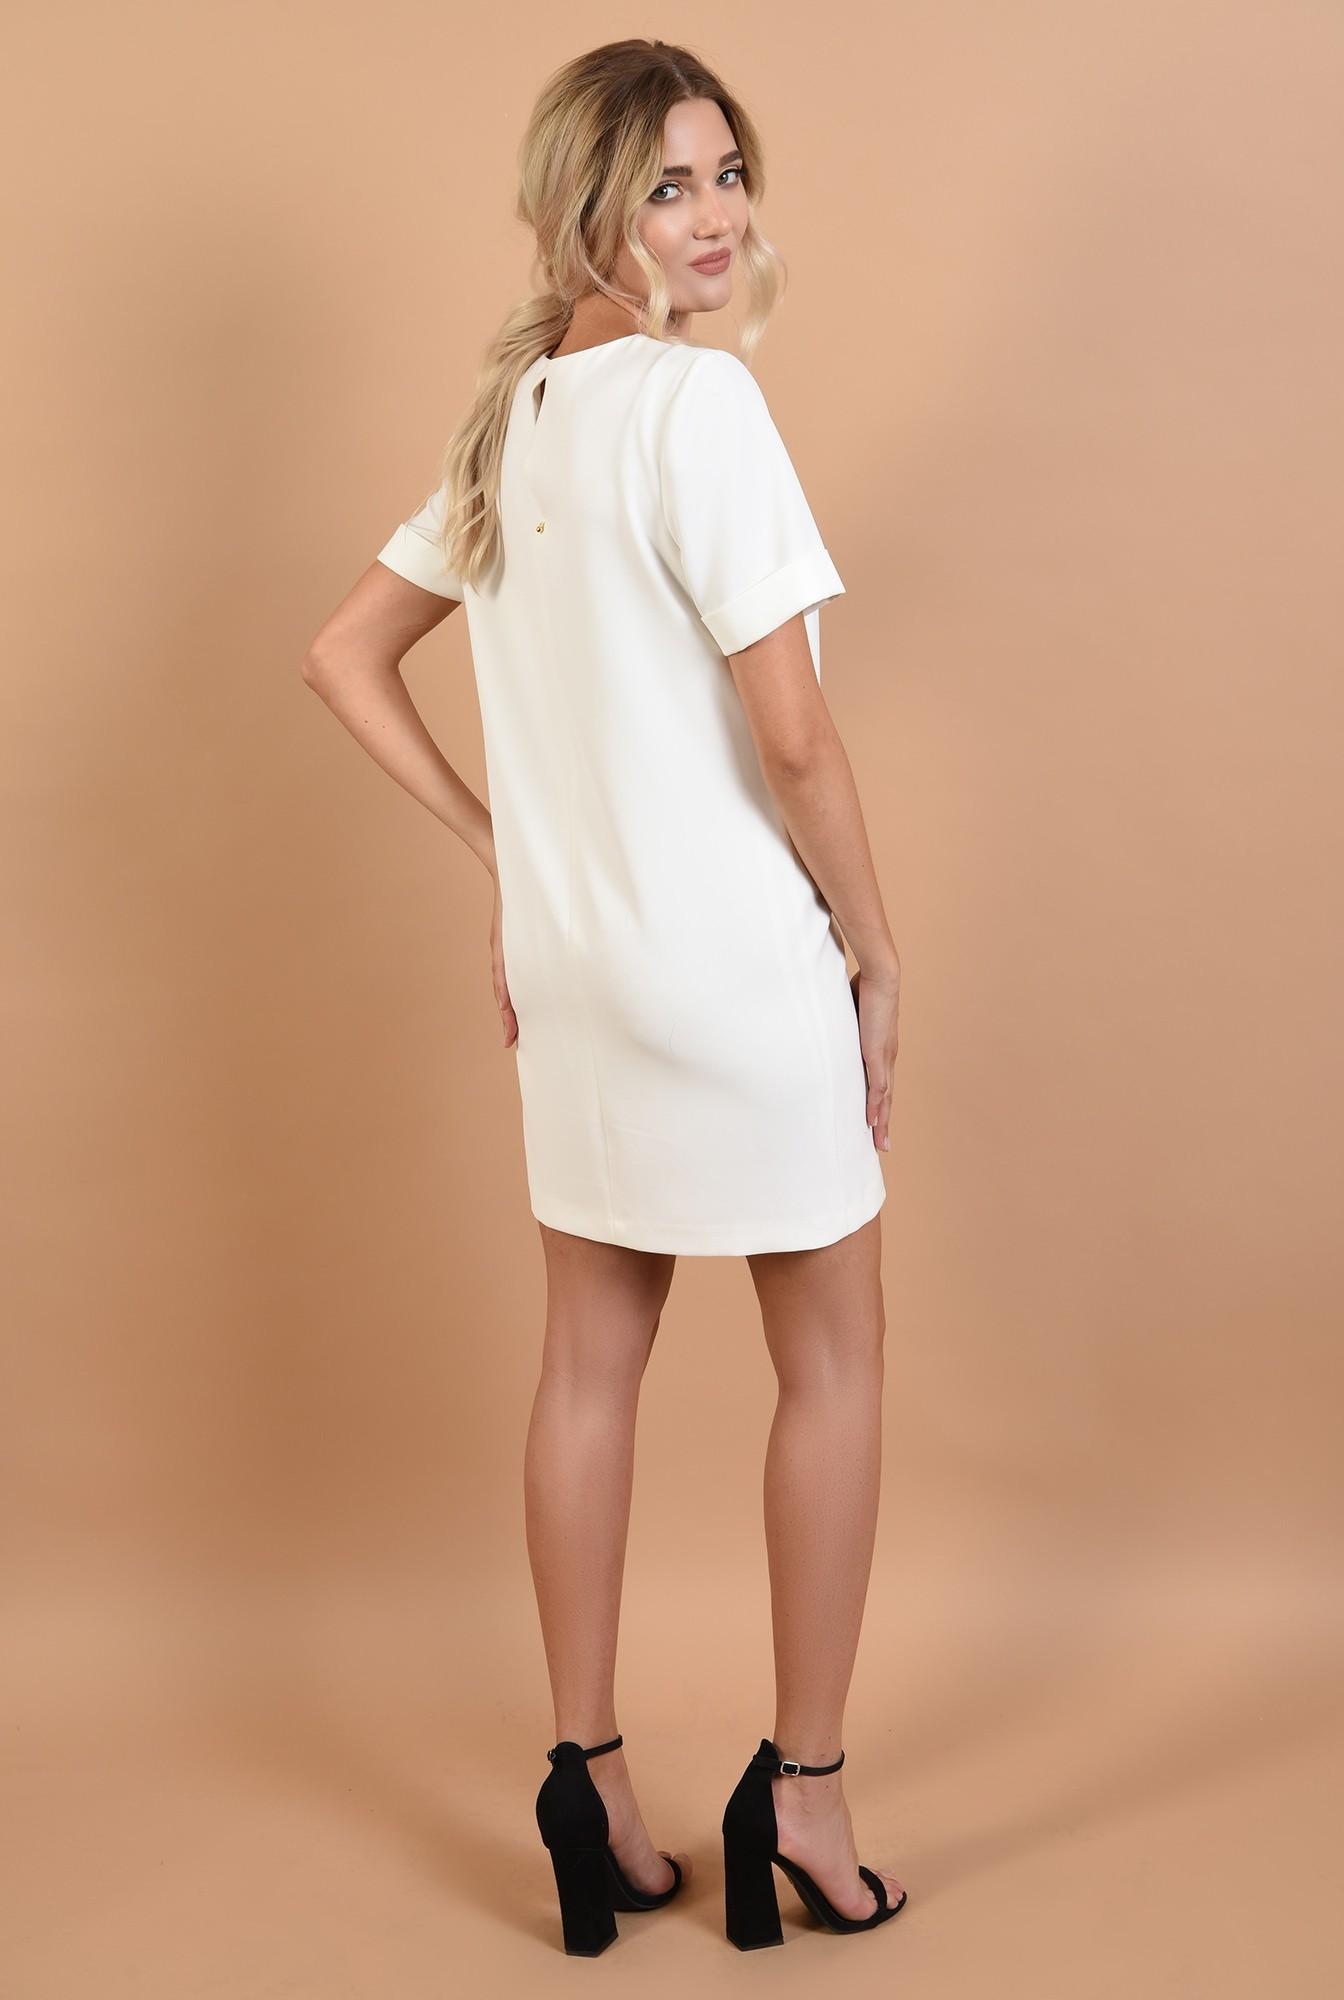 1 - rochie office, mini, dreapta, funda din rips, alb-negru, clape decorative